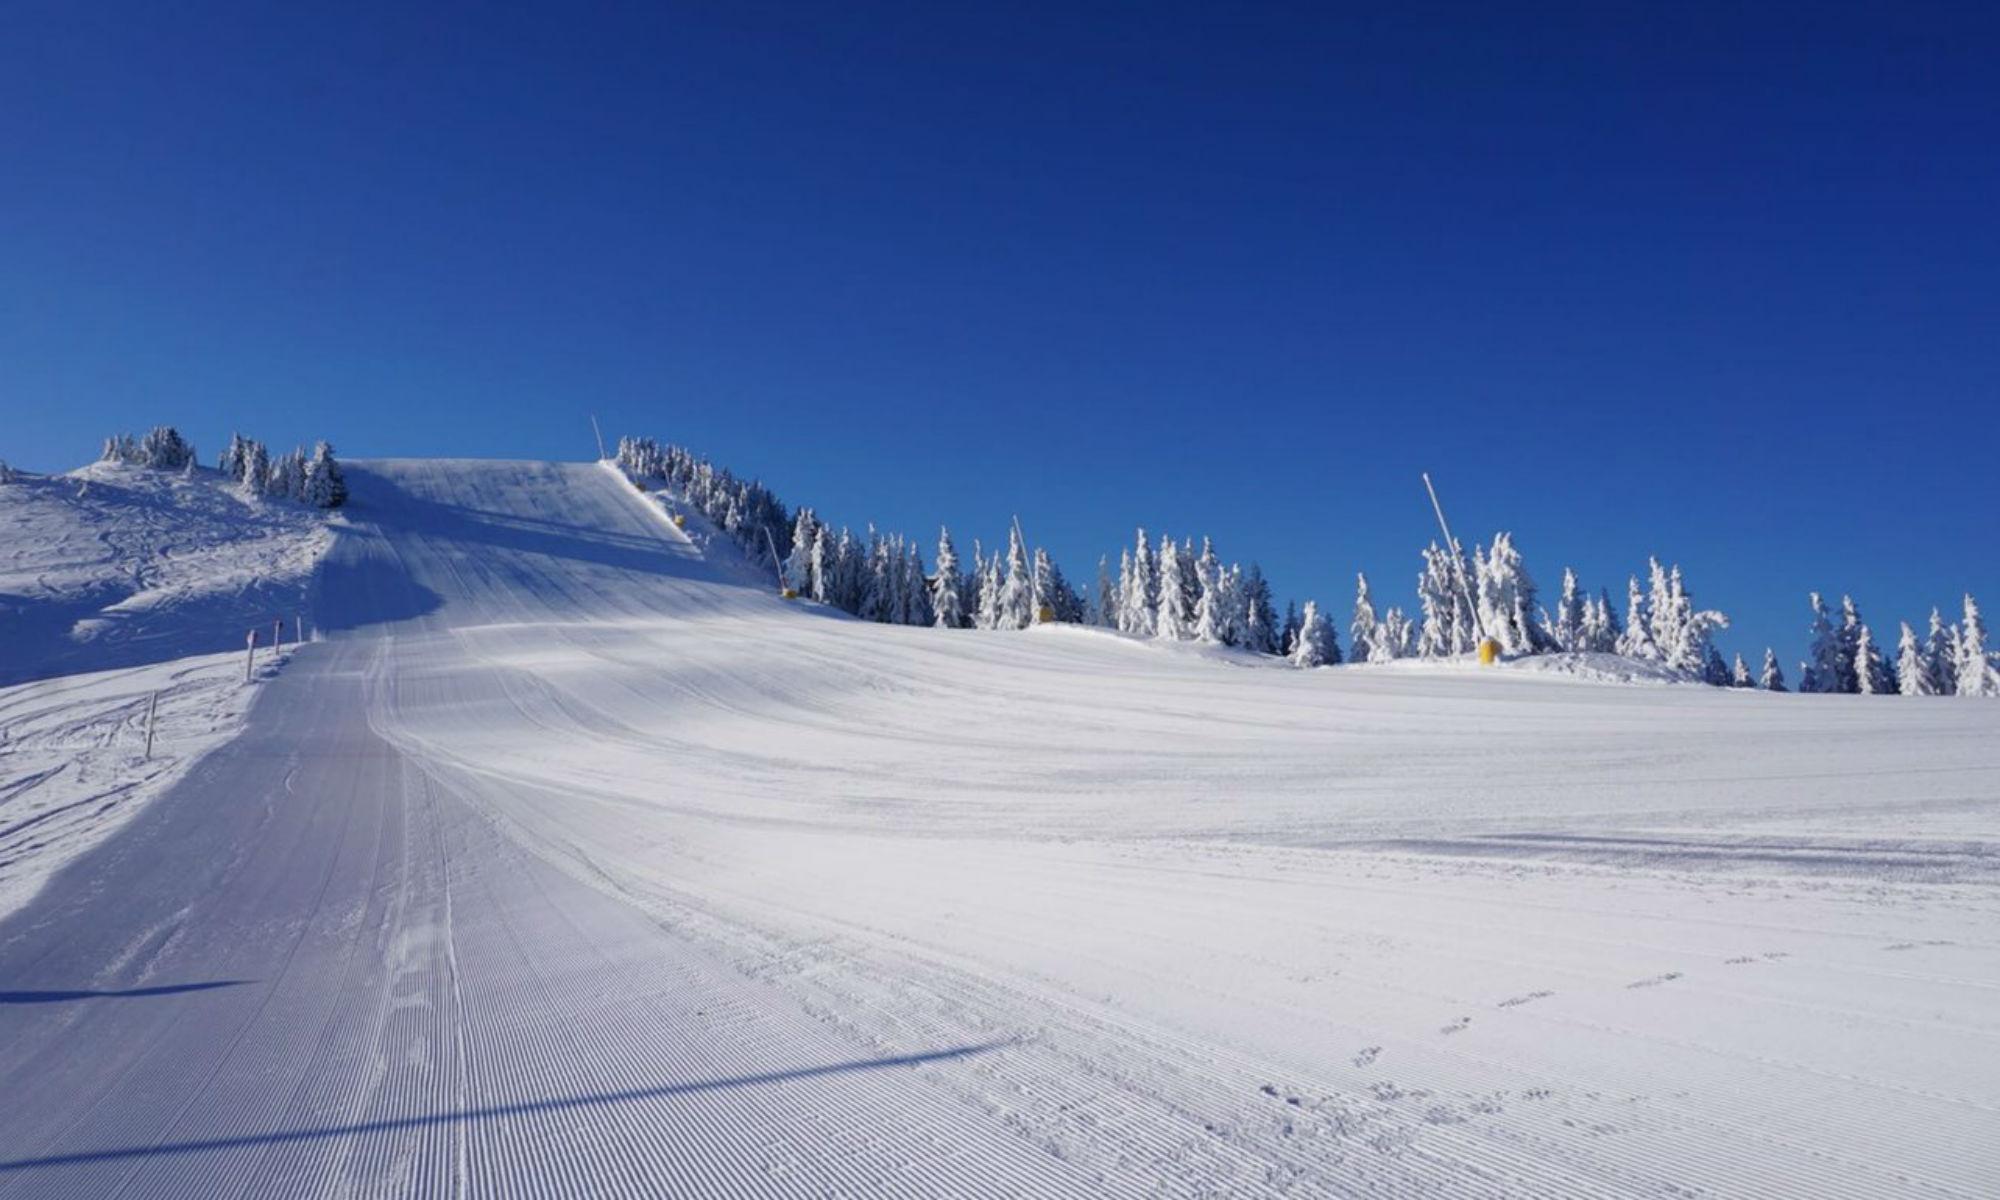 Perfekt präparierte Piste im Skigebiet SkiJuwel Alpachtal Wildschönau.